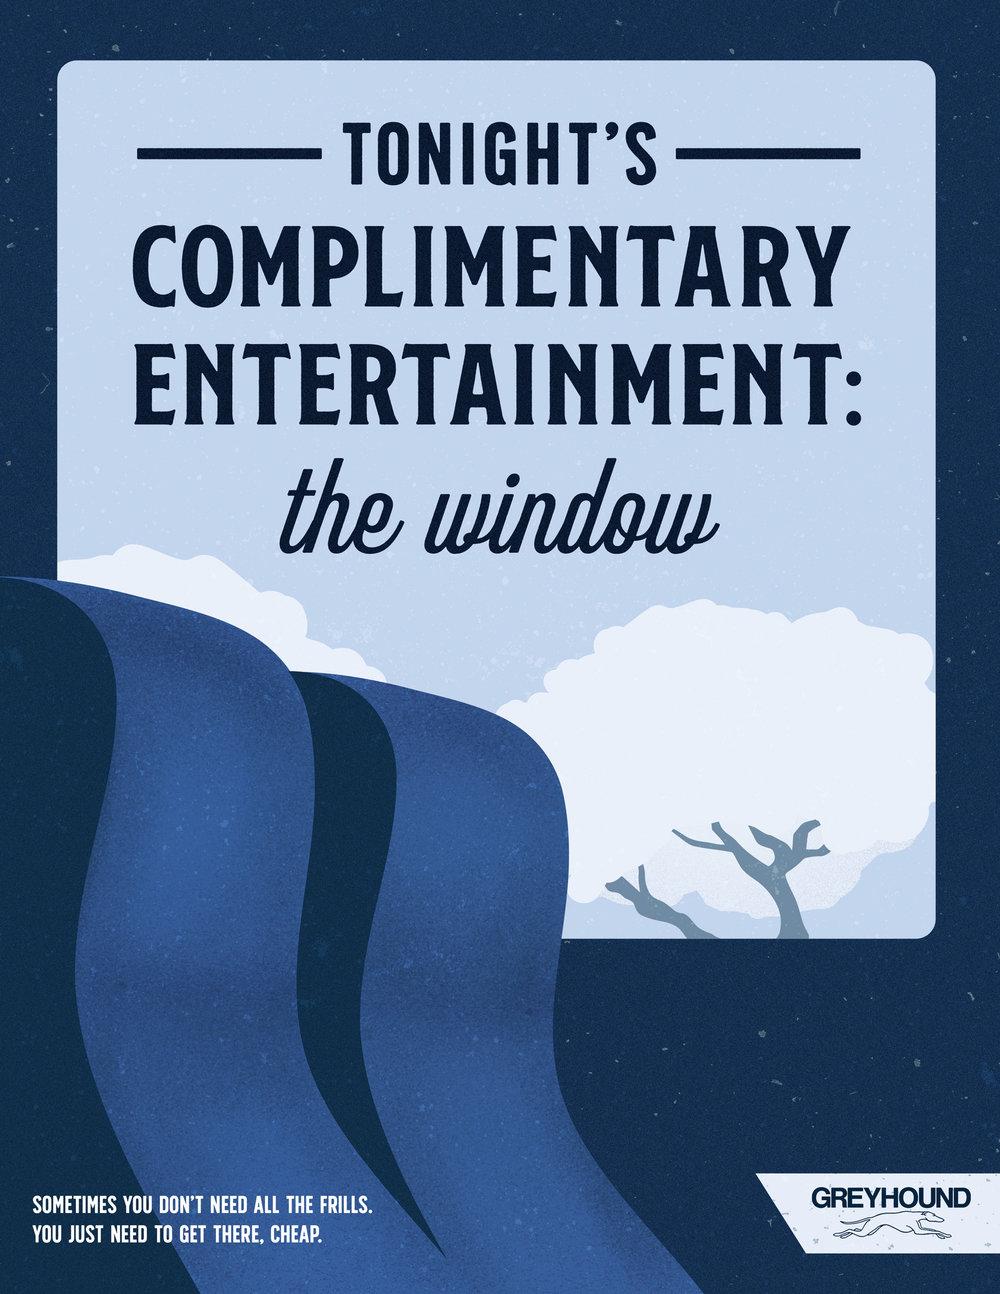 greyhound-window-sean-johnson.jpg